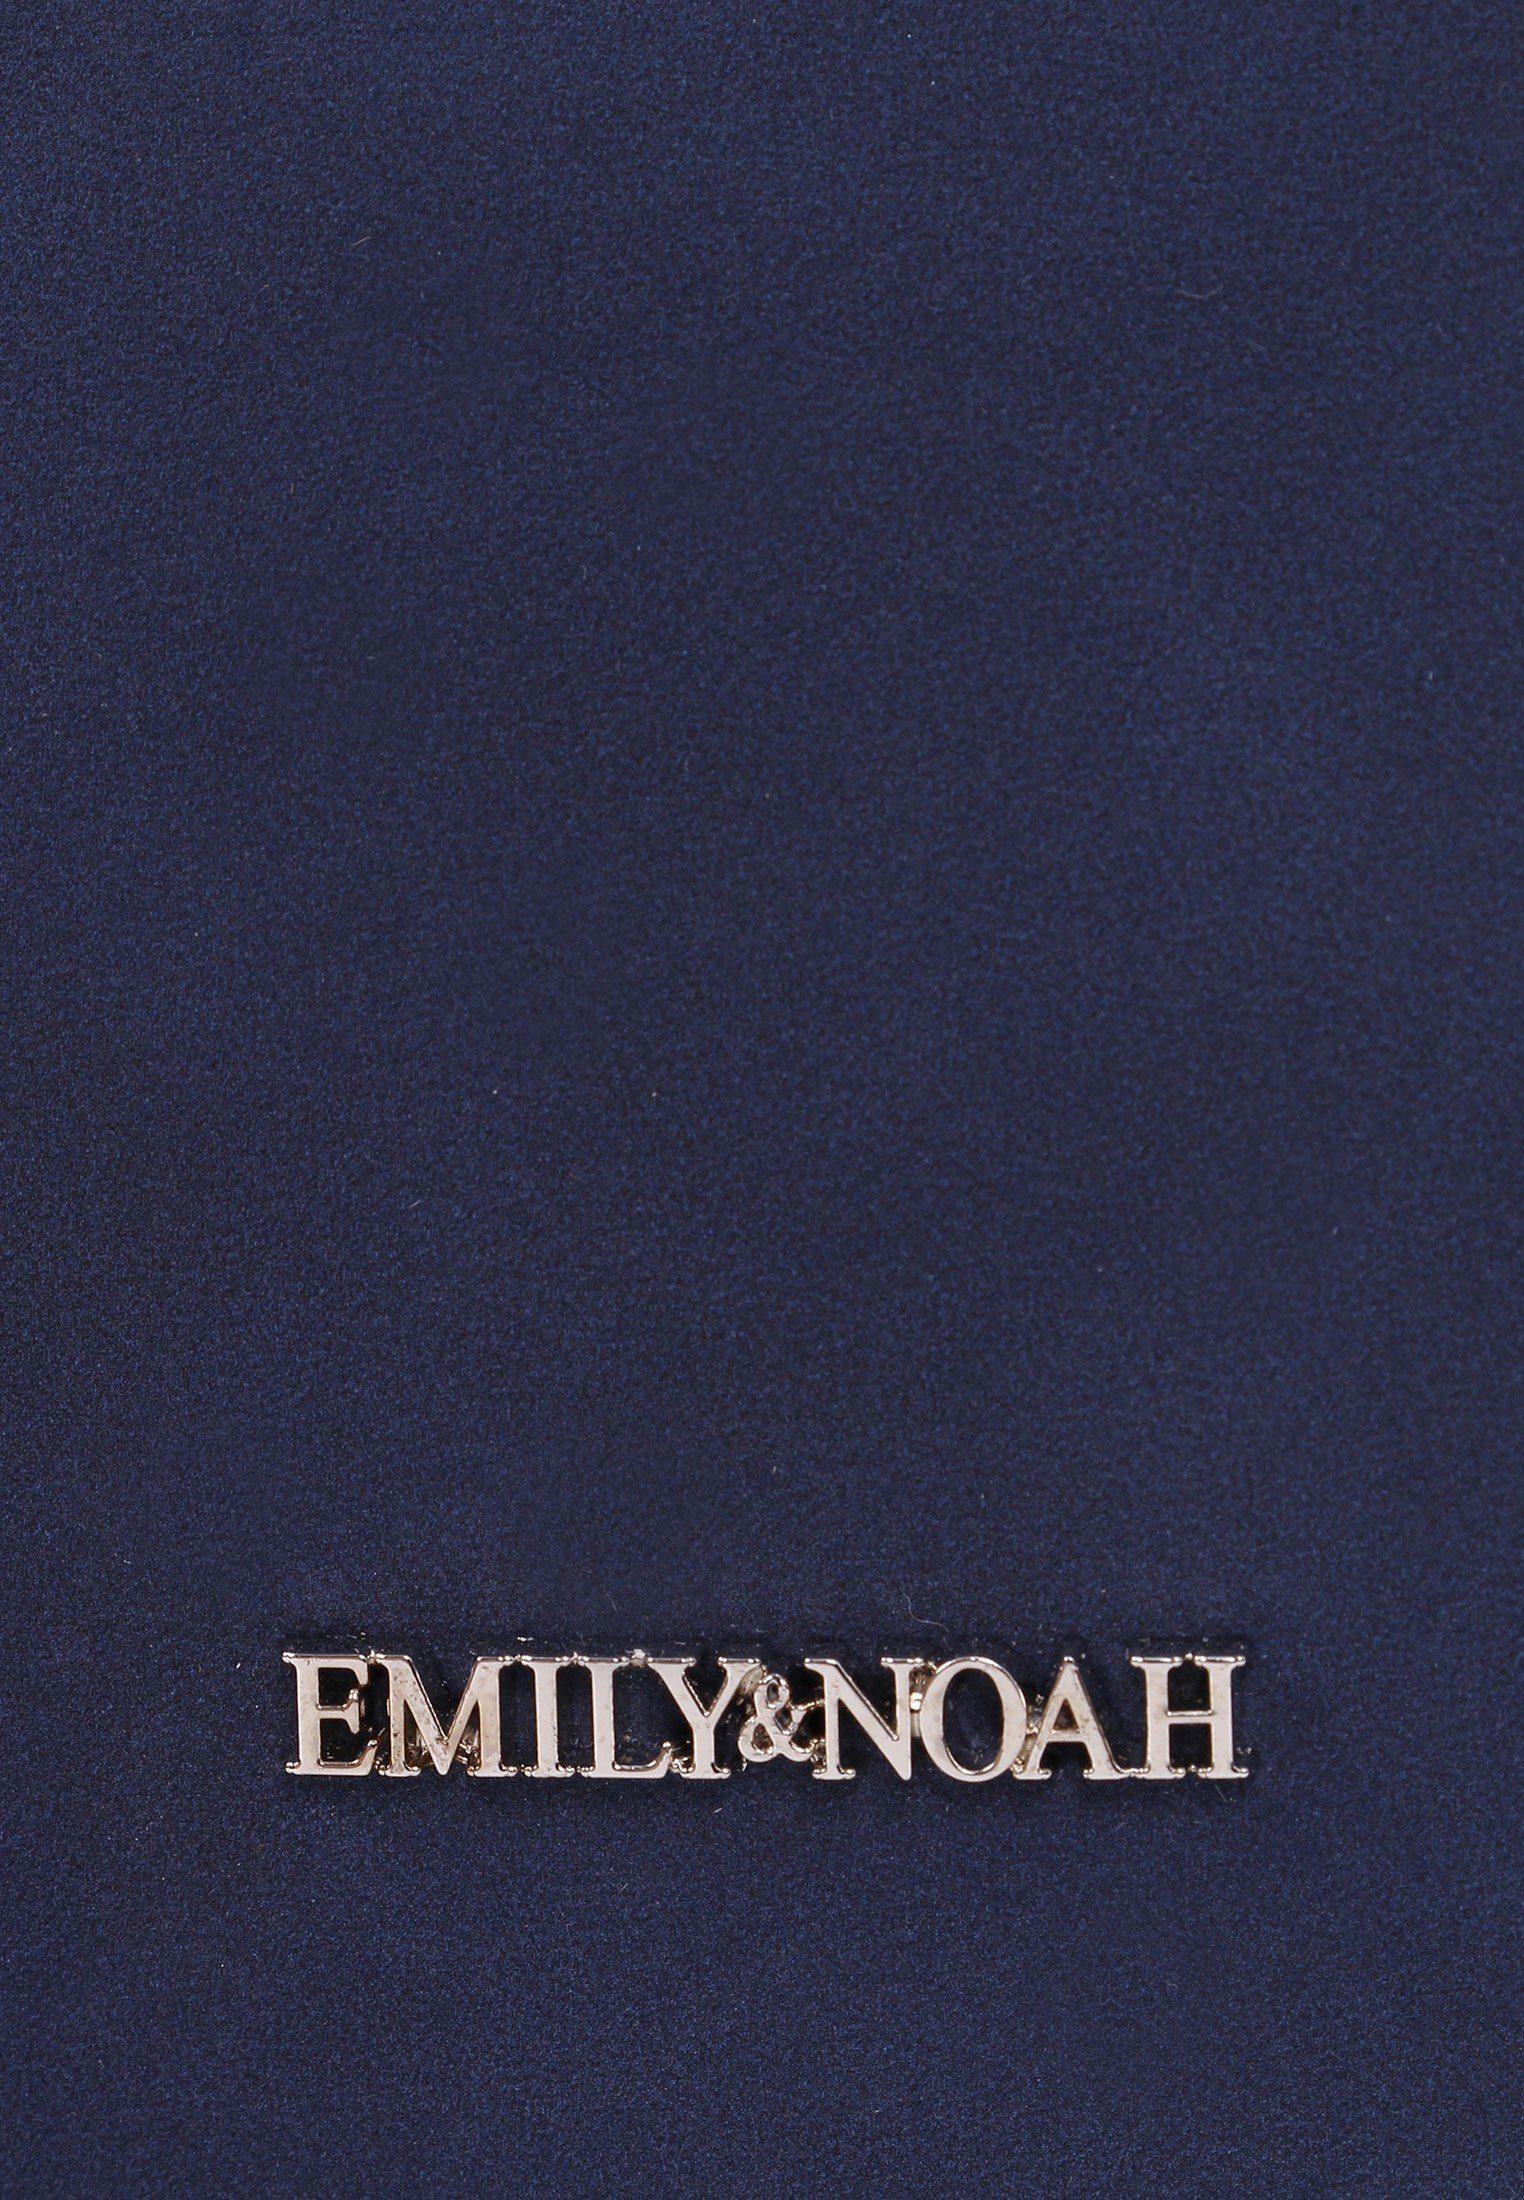 9882745399 Reißverschluss Mit Online 1 Malin Umhängetasche Noah Emily Kaufen amp; Artikel No nr xUqBTw70